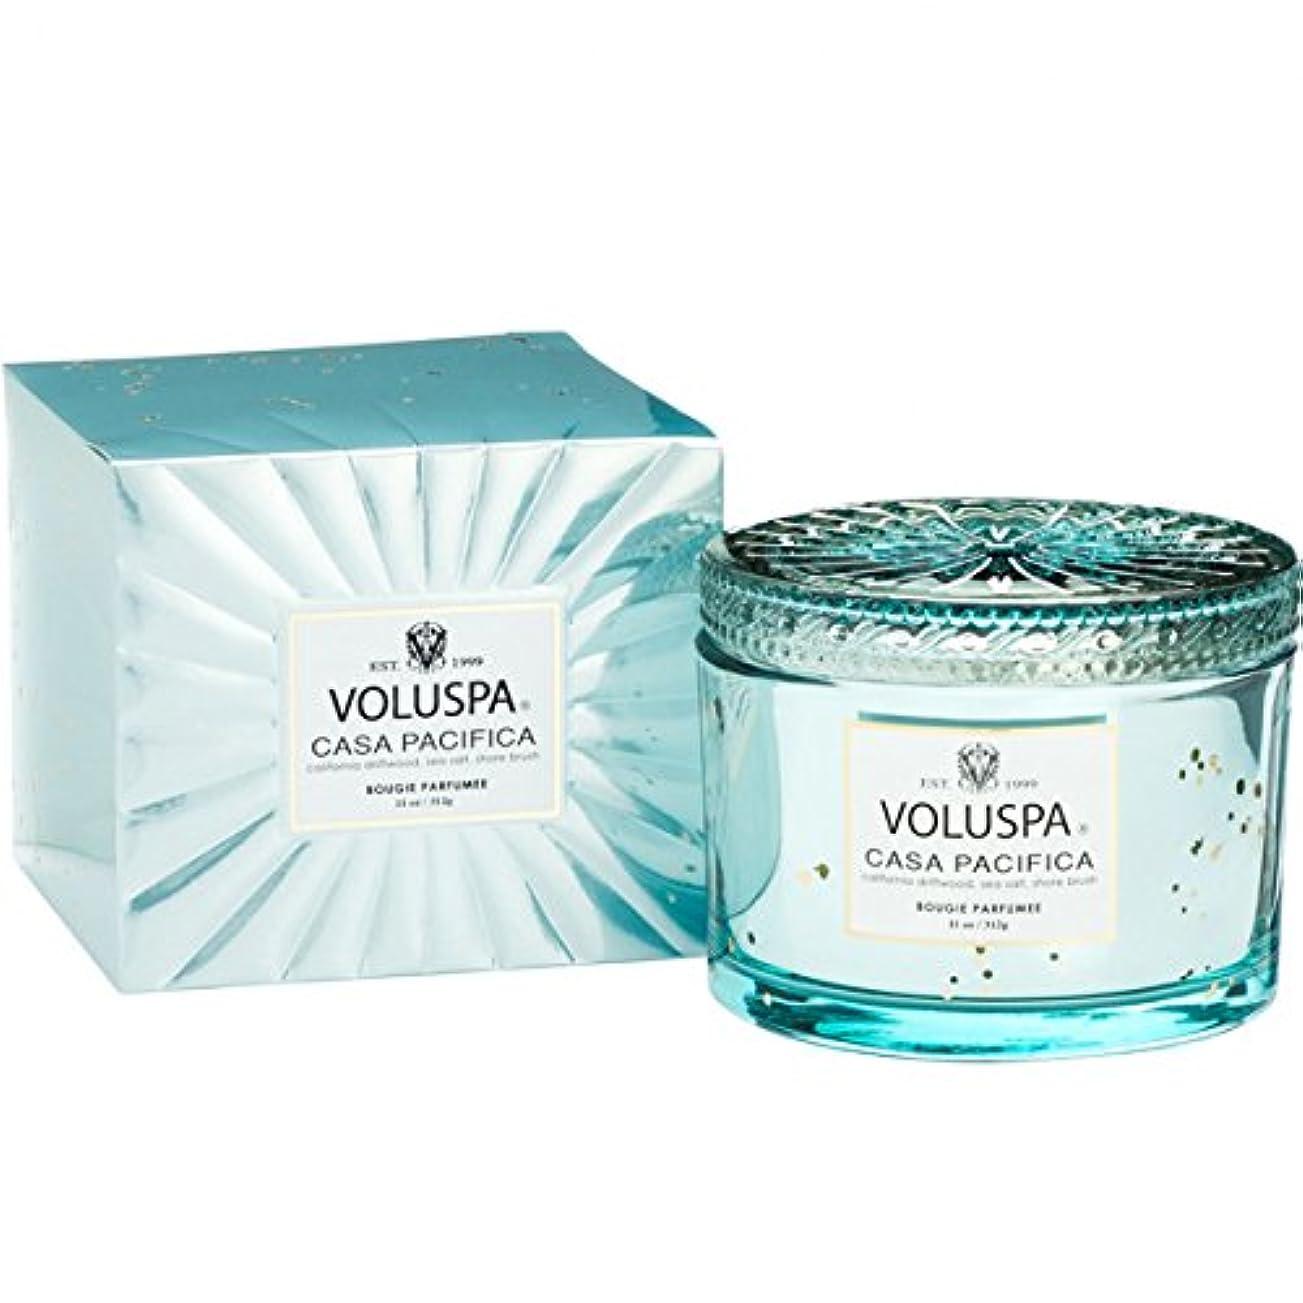 クレジットせせらぎ喜びVoluspa ボルスパ ヴァーメイル ボックス入り グラスキャンドル カーサハ?シフィカ CASA PACIFICA VERMEIL BOX Glass Candle